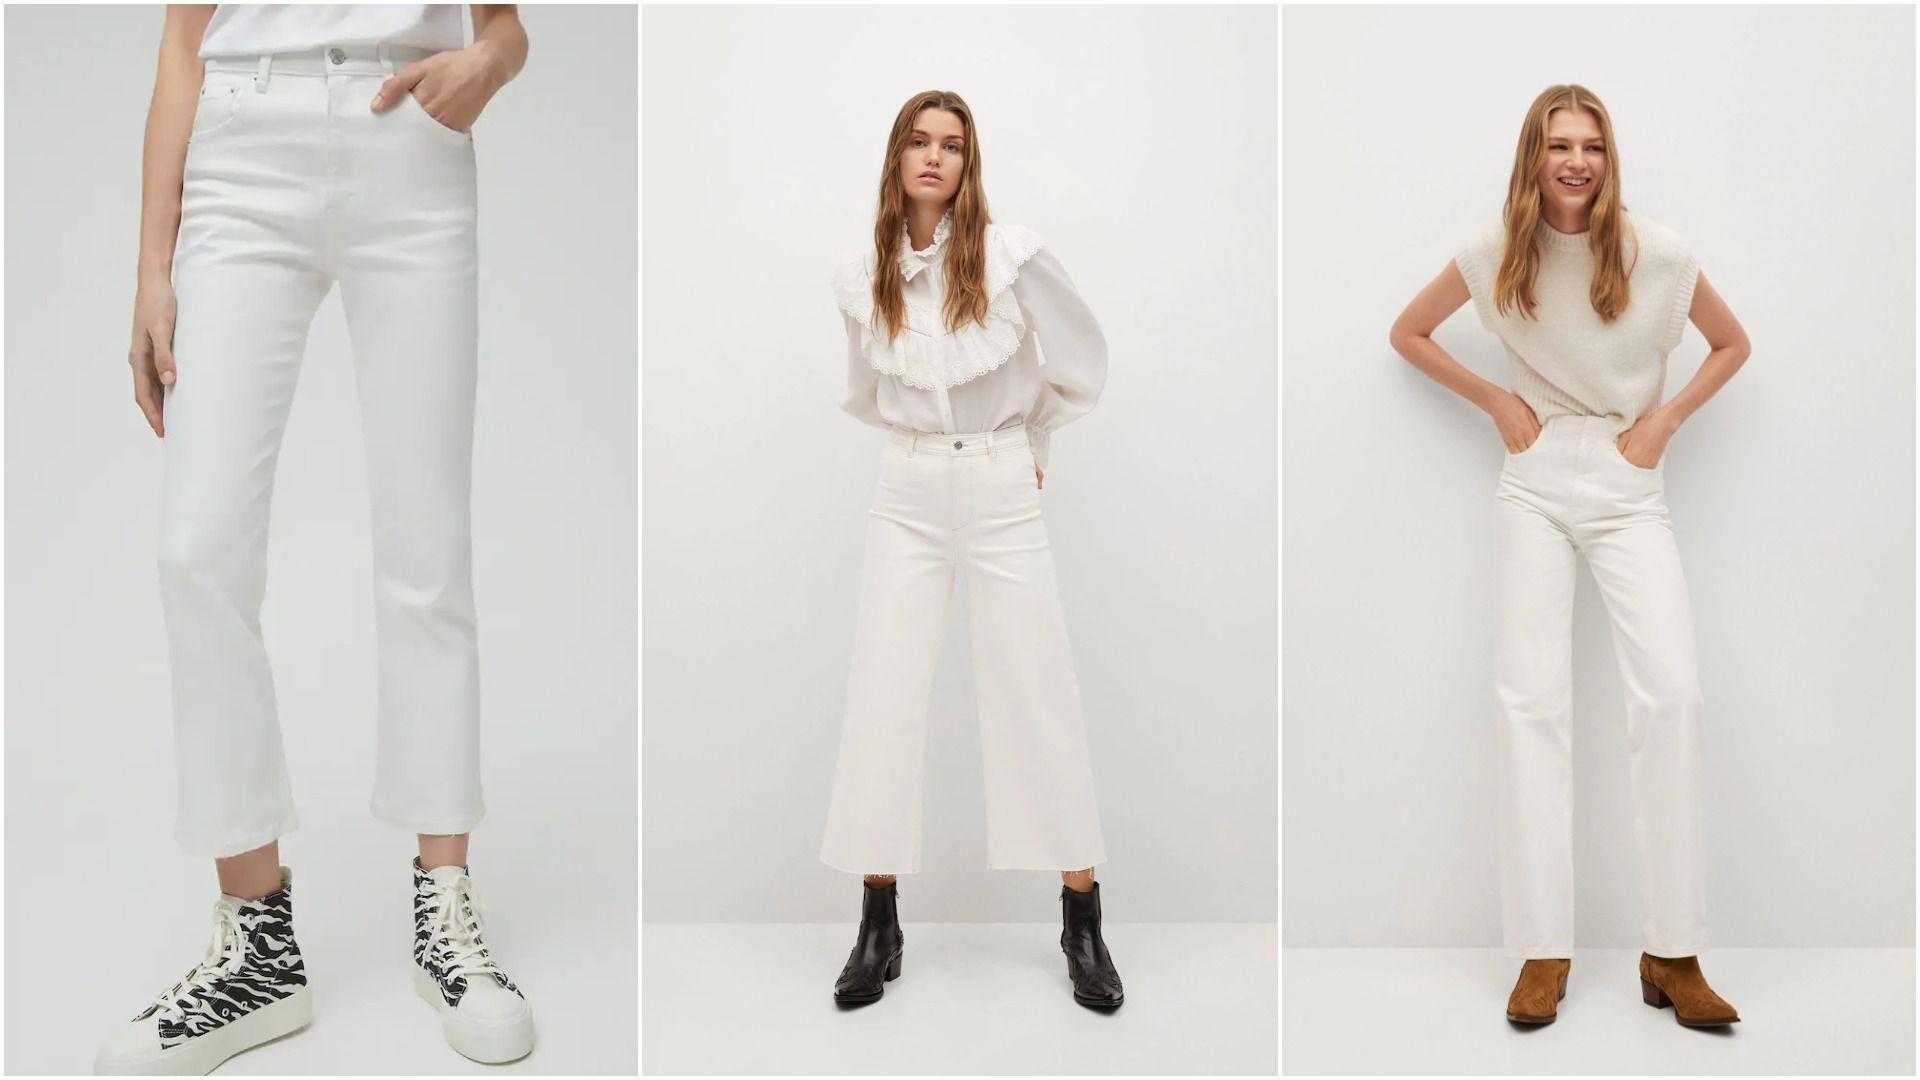 Bijele traperice klasik su kojem se uvijek vraćamo s toplijim danima, evo najljepših modela iz popularnih dućana